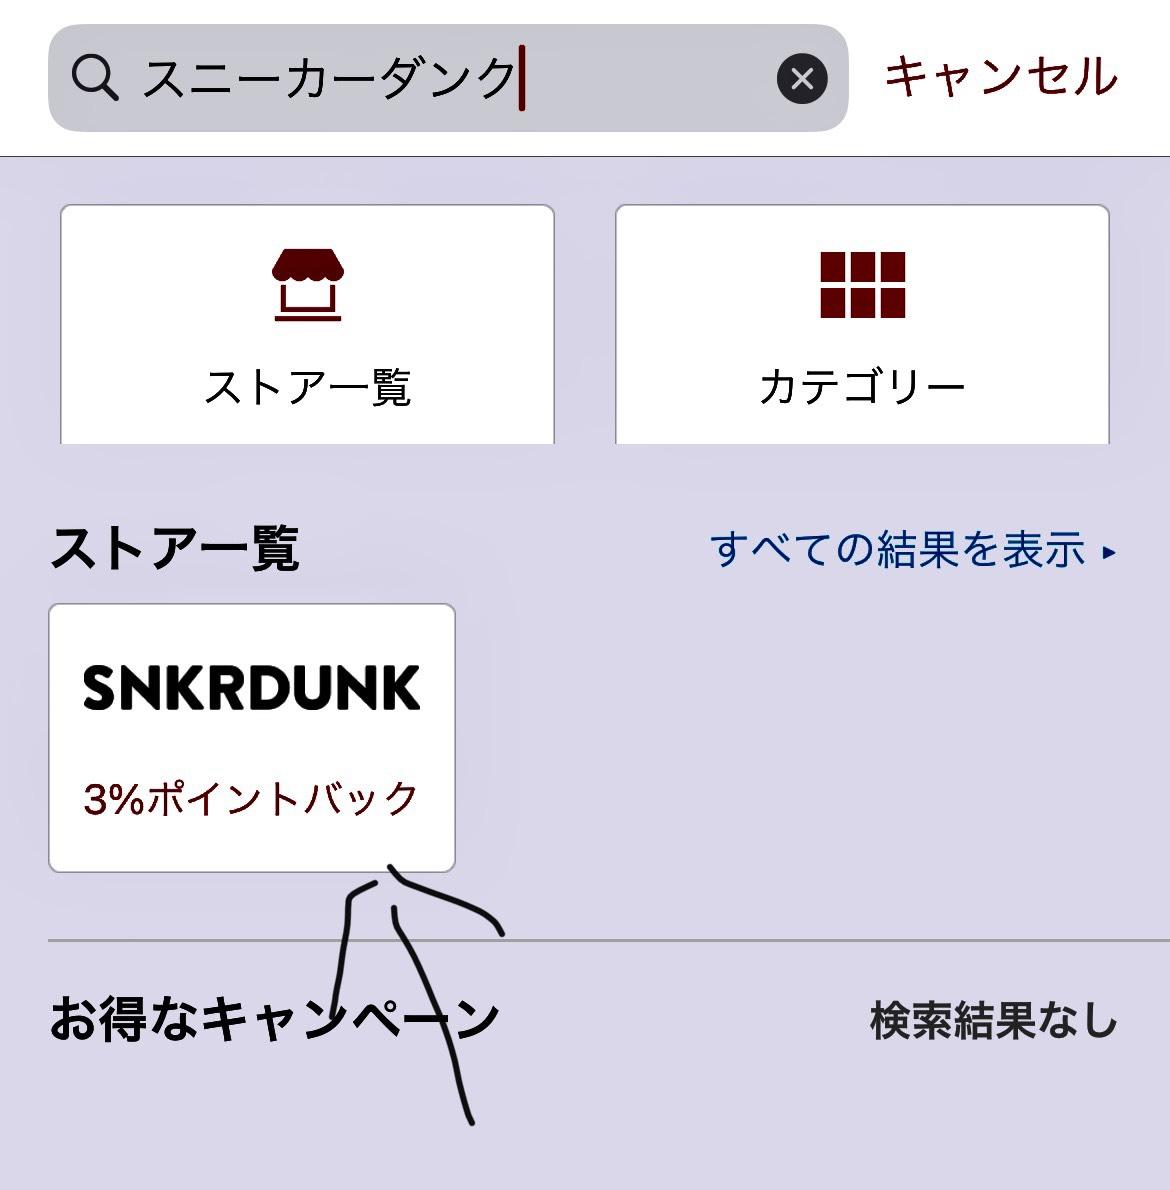 f:id:t-naito-tnf:20210405173609j:plain